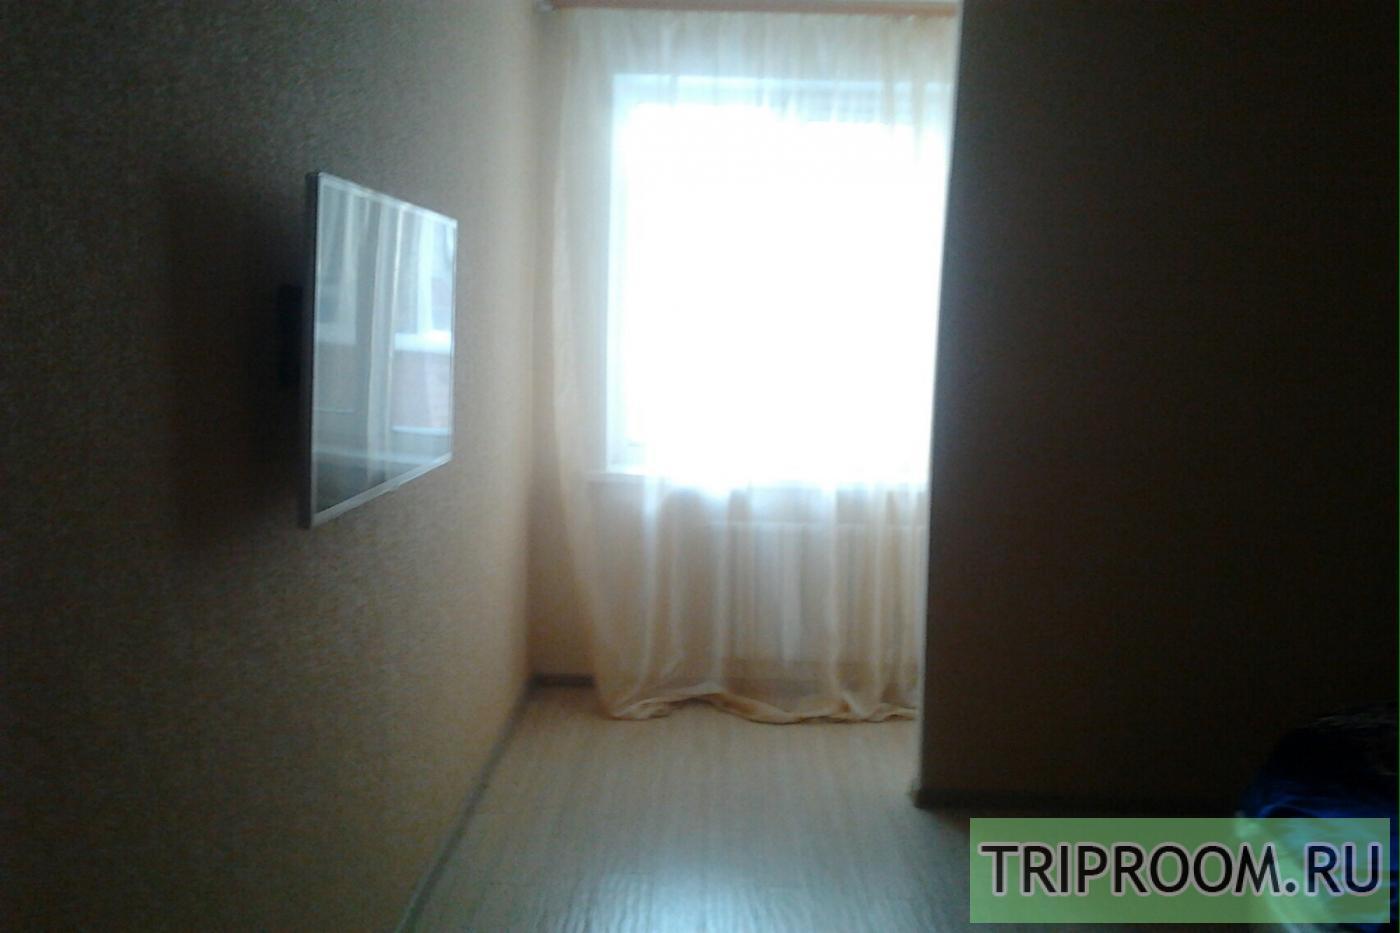 2-комнатная квартира посуточно (вариант № 4669), ул. 30 лет Победы улица, фото № 16